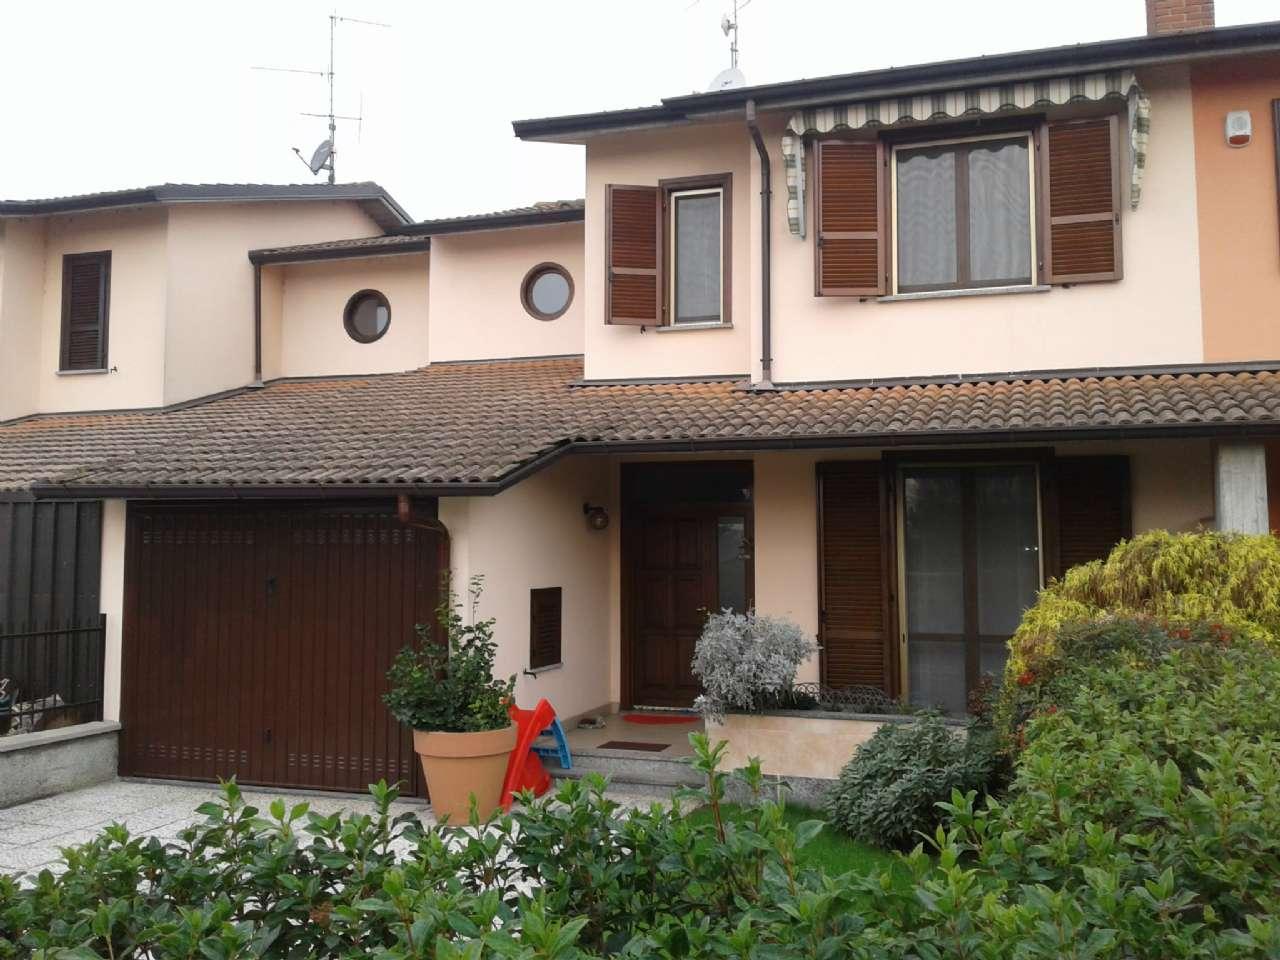 Villa a Schiera in vendita a Villanova del Sillaro, 4 locali, prezzo € 169.000 | CambioCasa.it